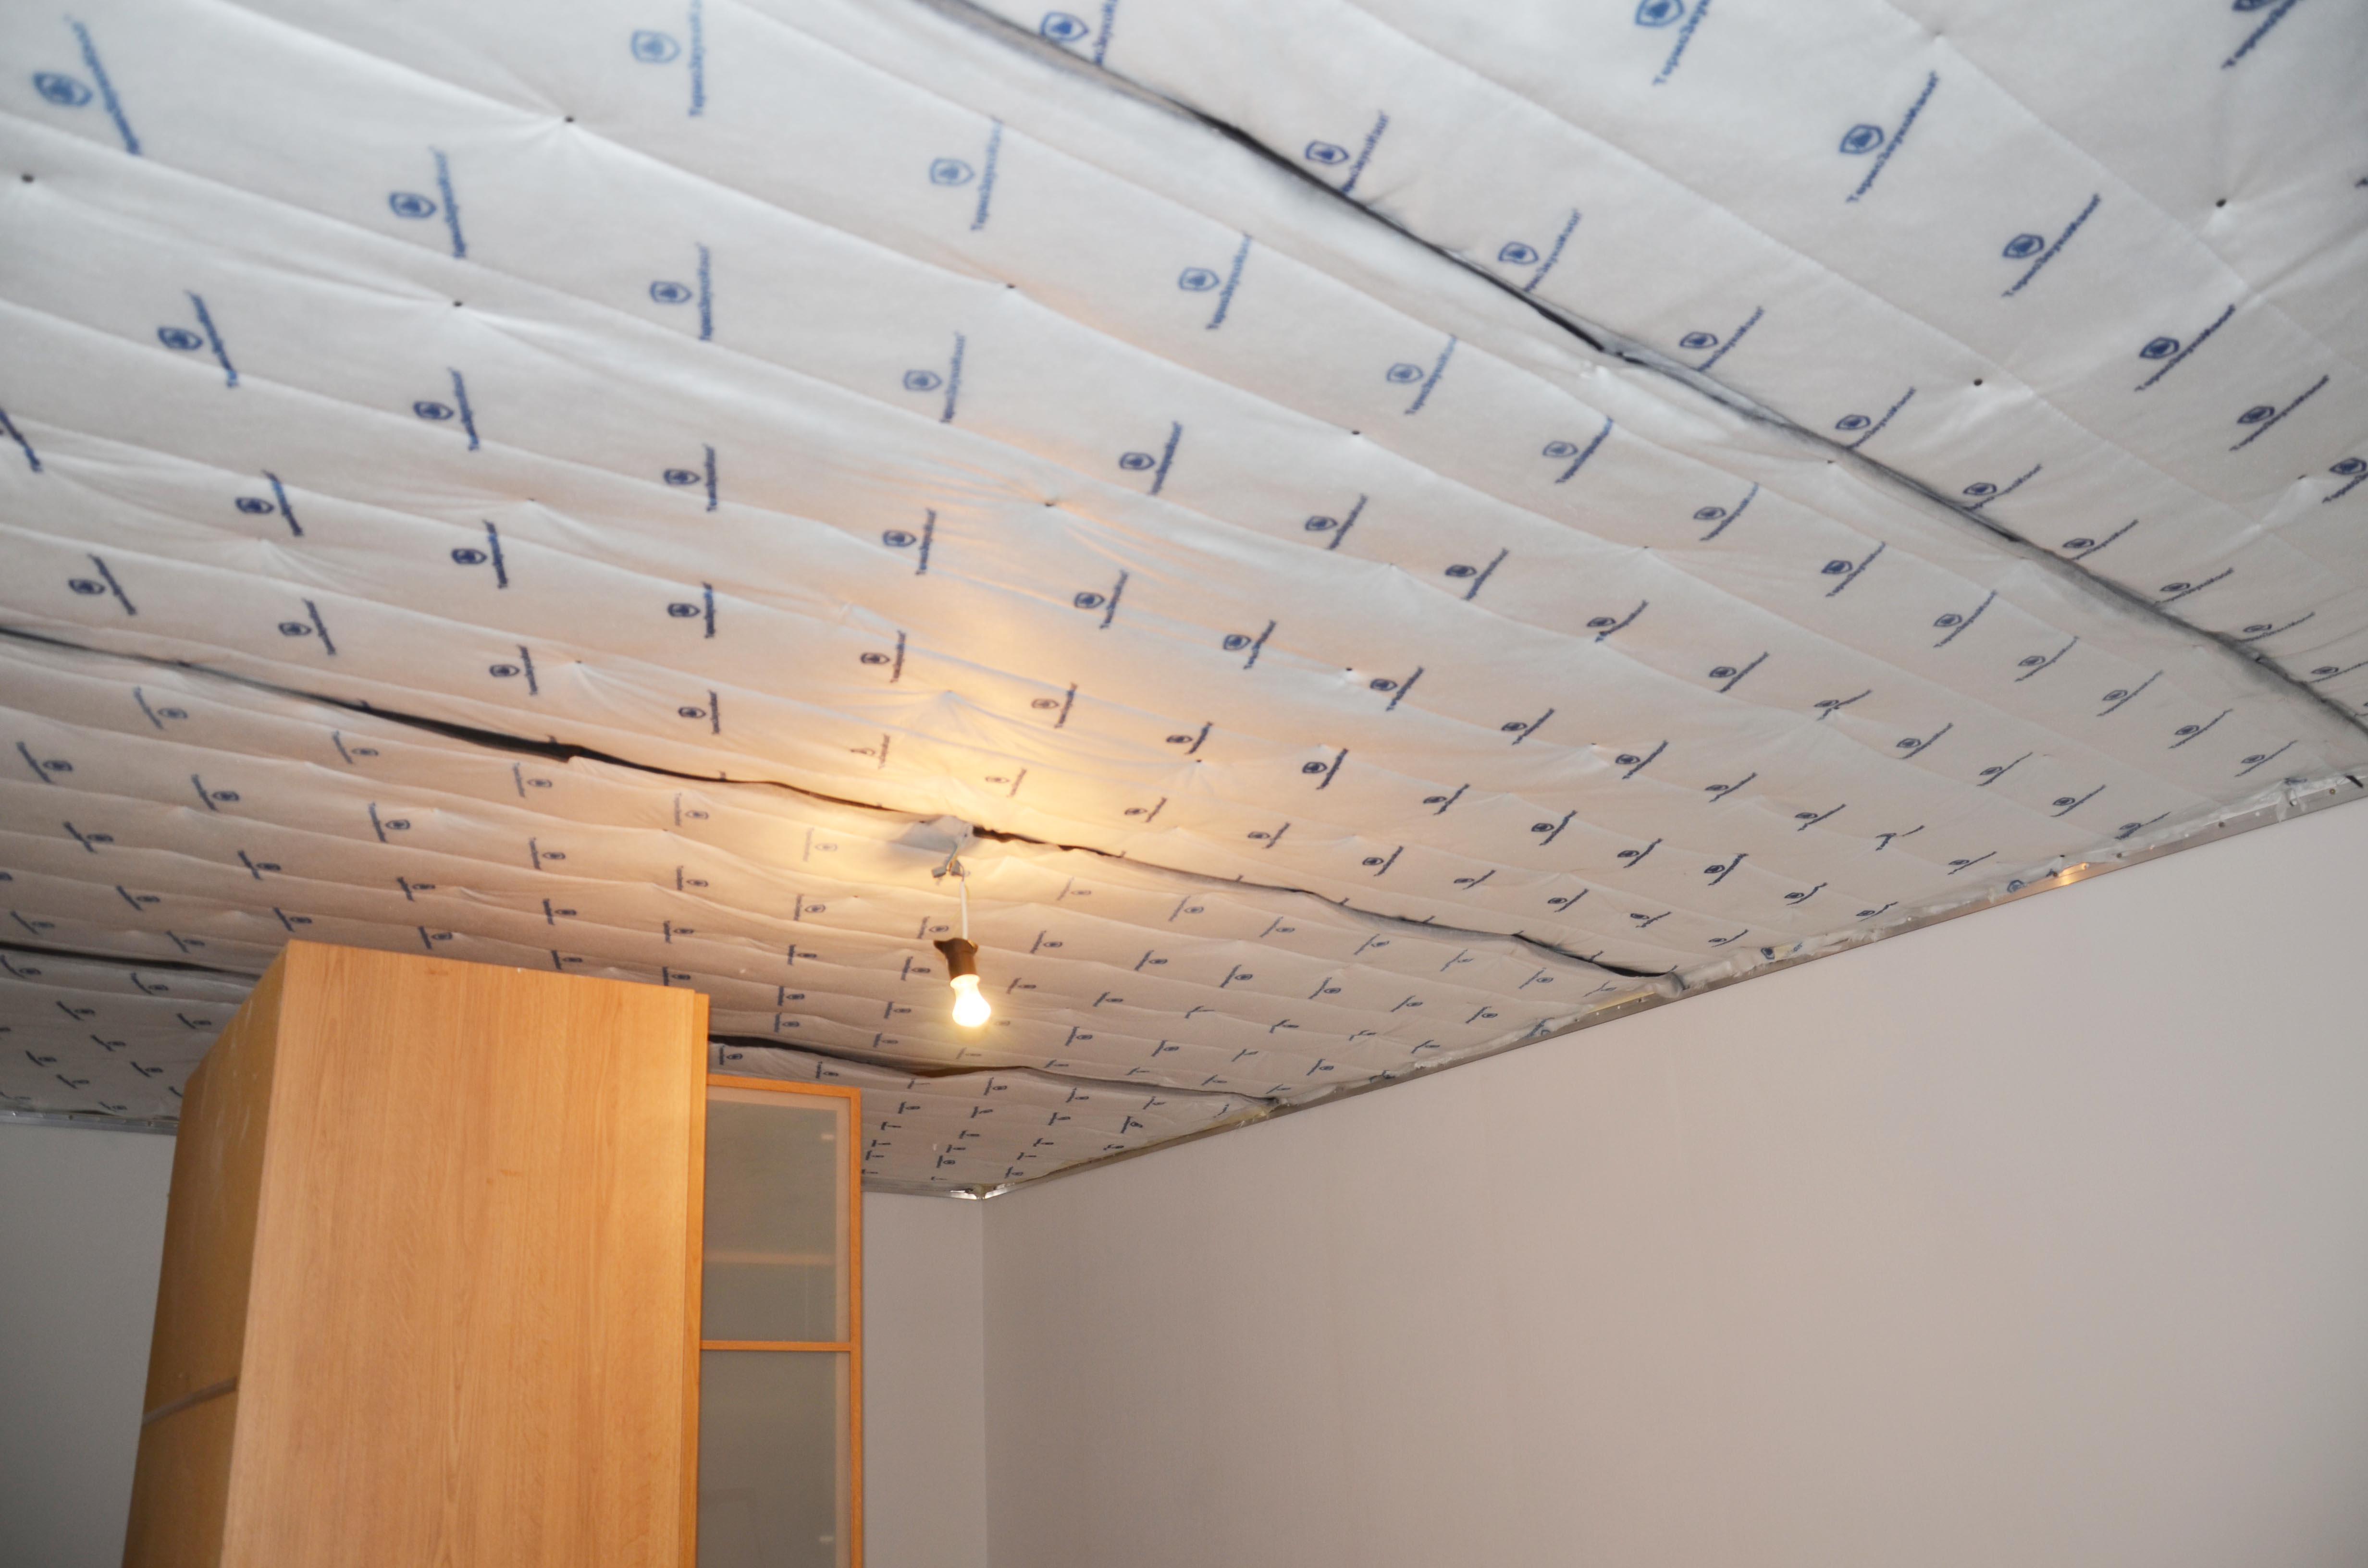 Шумоизоляции потолка в квартире своими руками: методы и 81